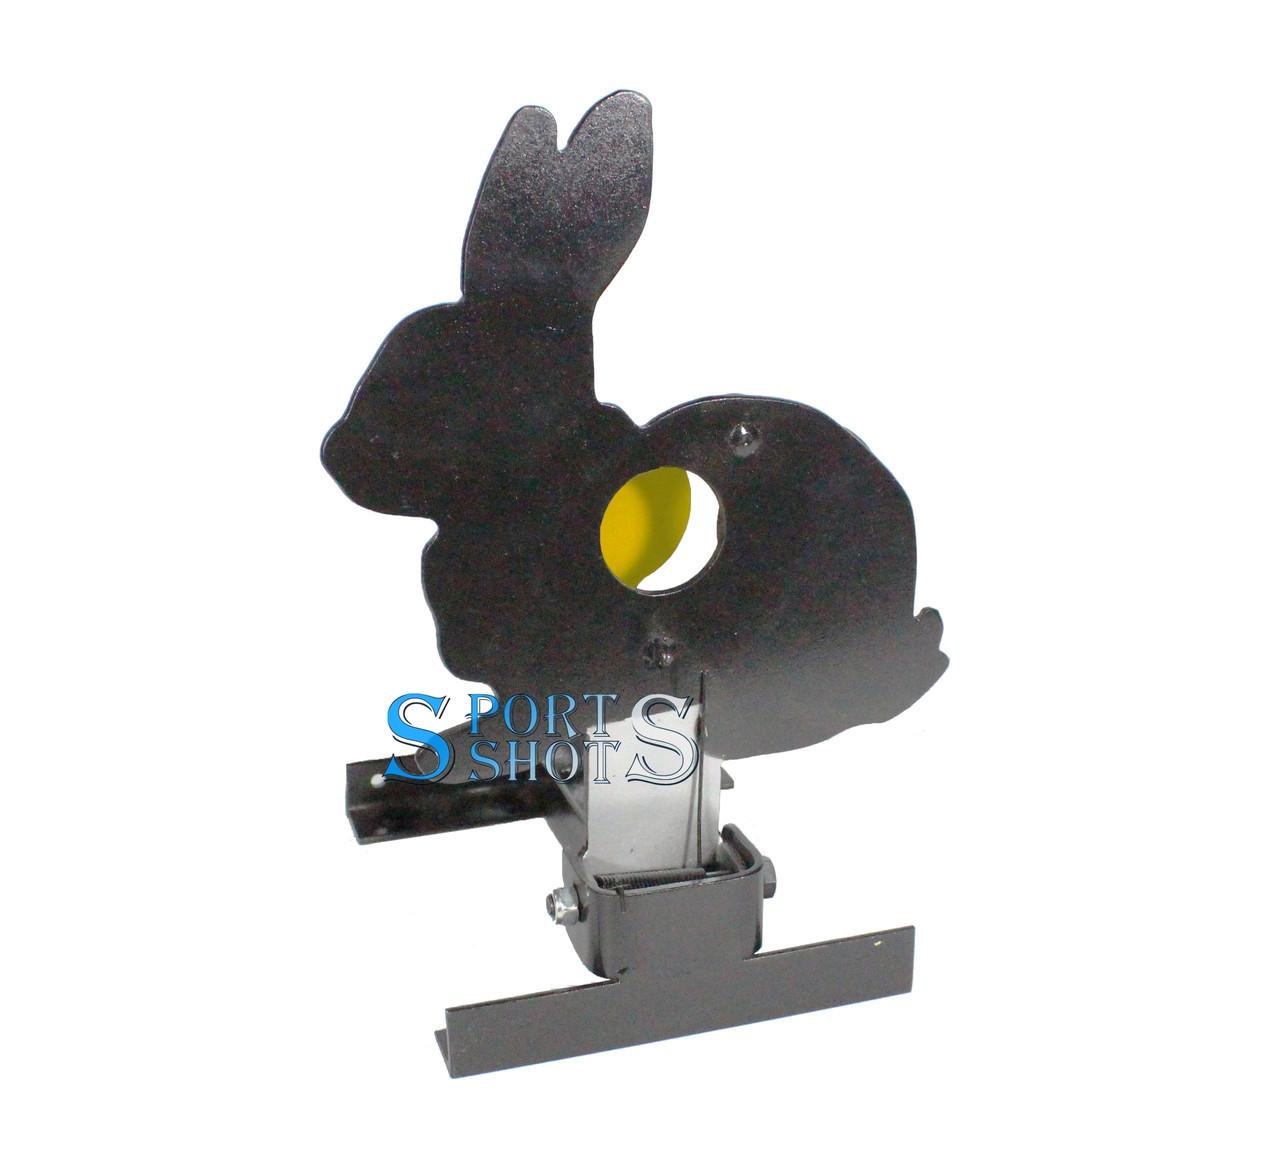 Мишень Заяц с подставкой SportShots для пневматического оружия